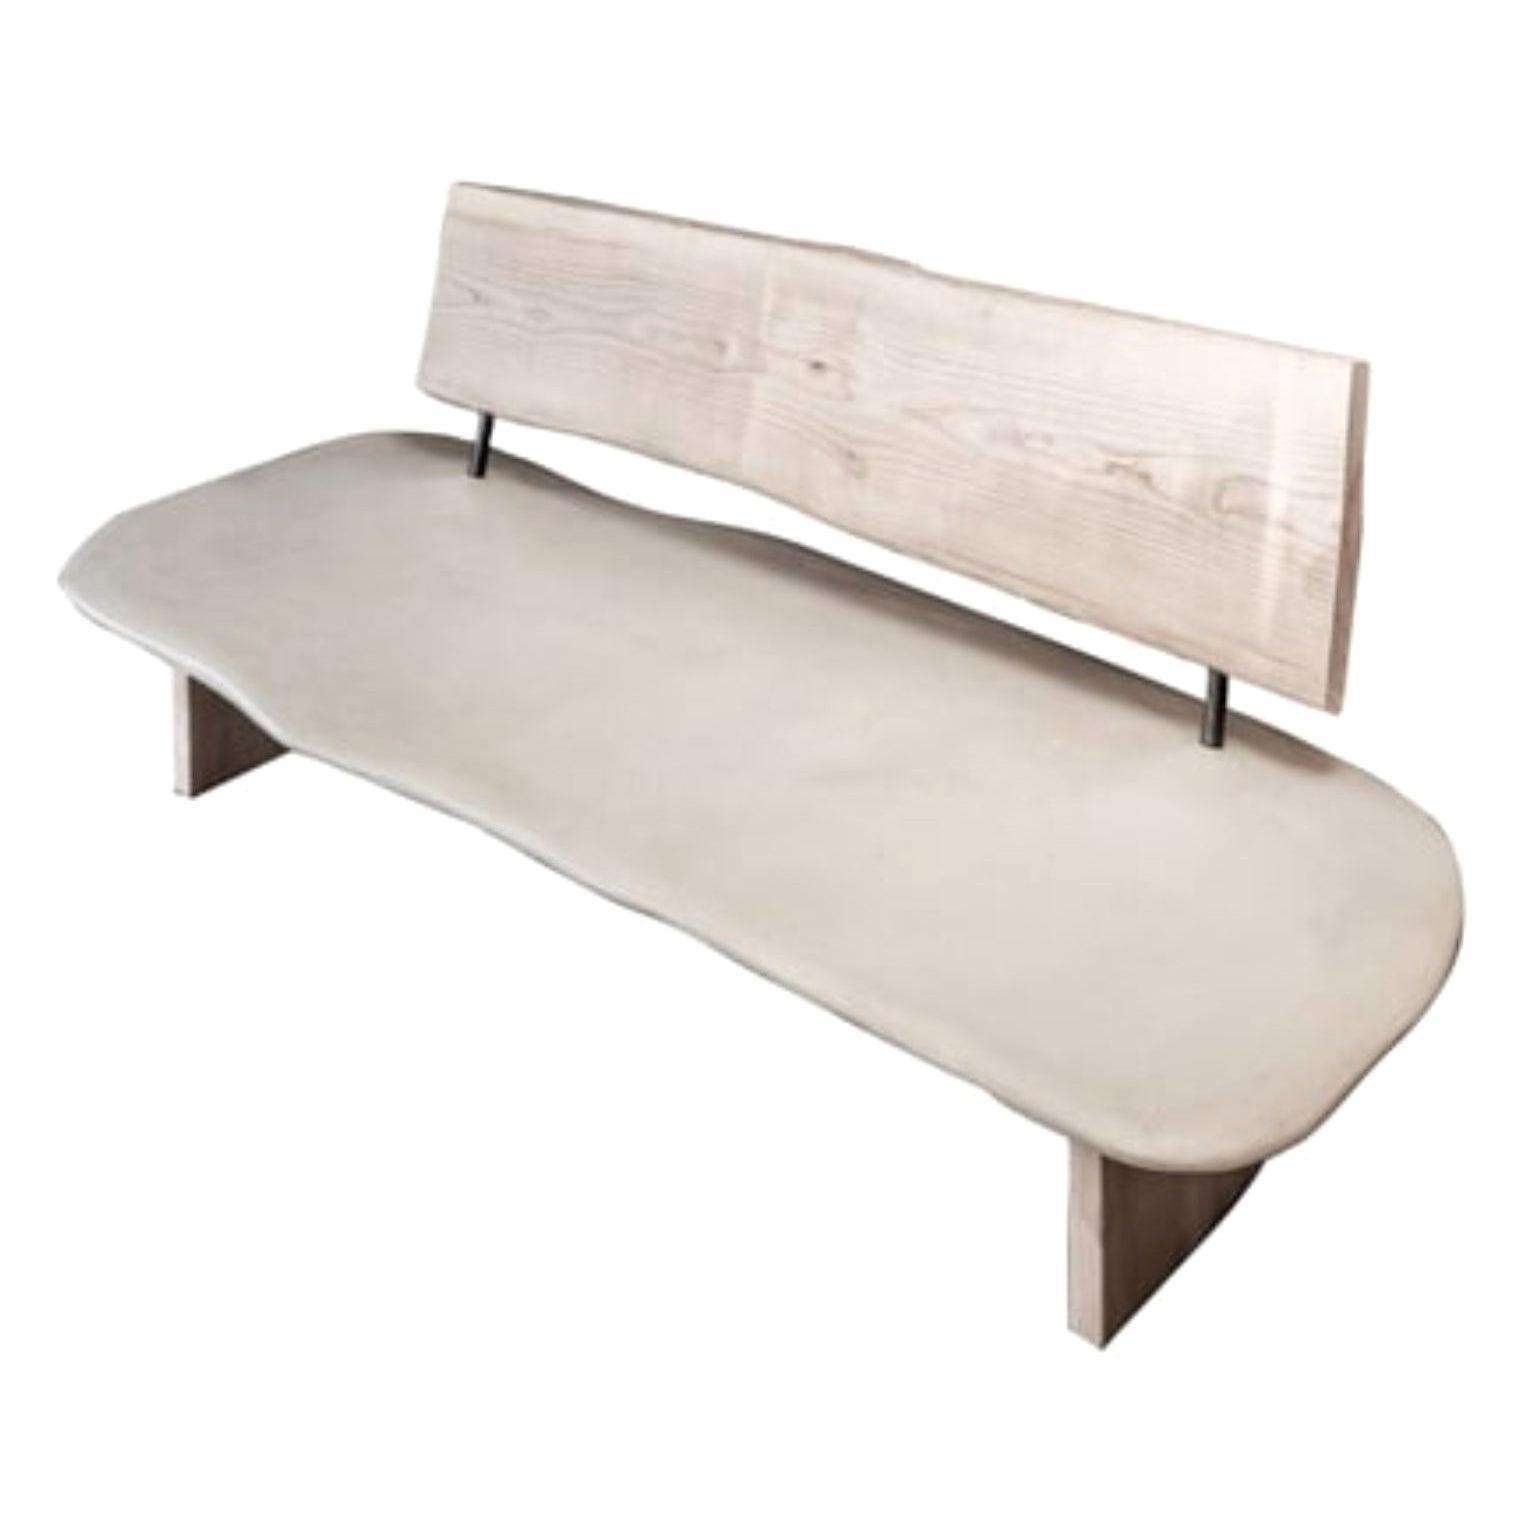 Stone Menaggio Bench by Studio Emblématique